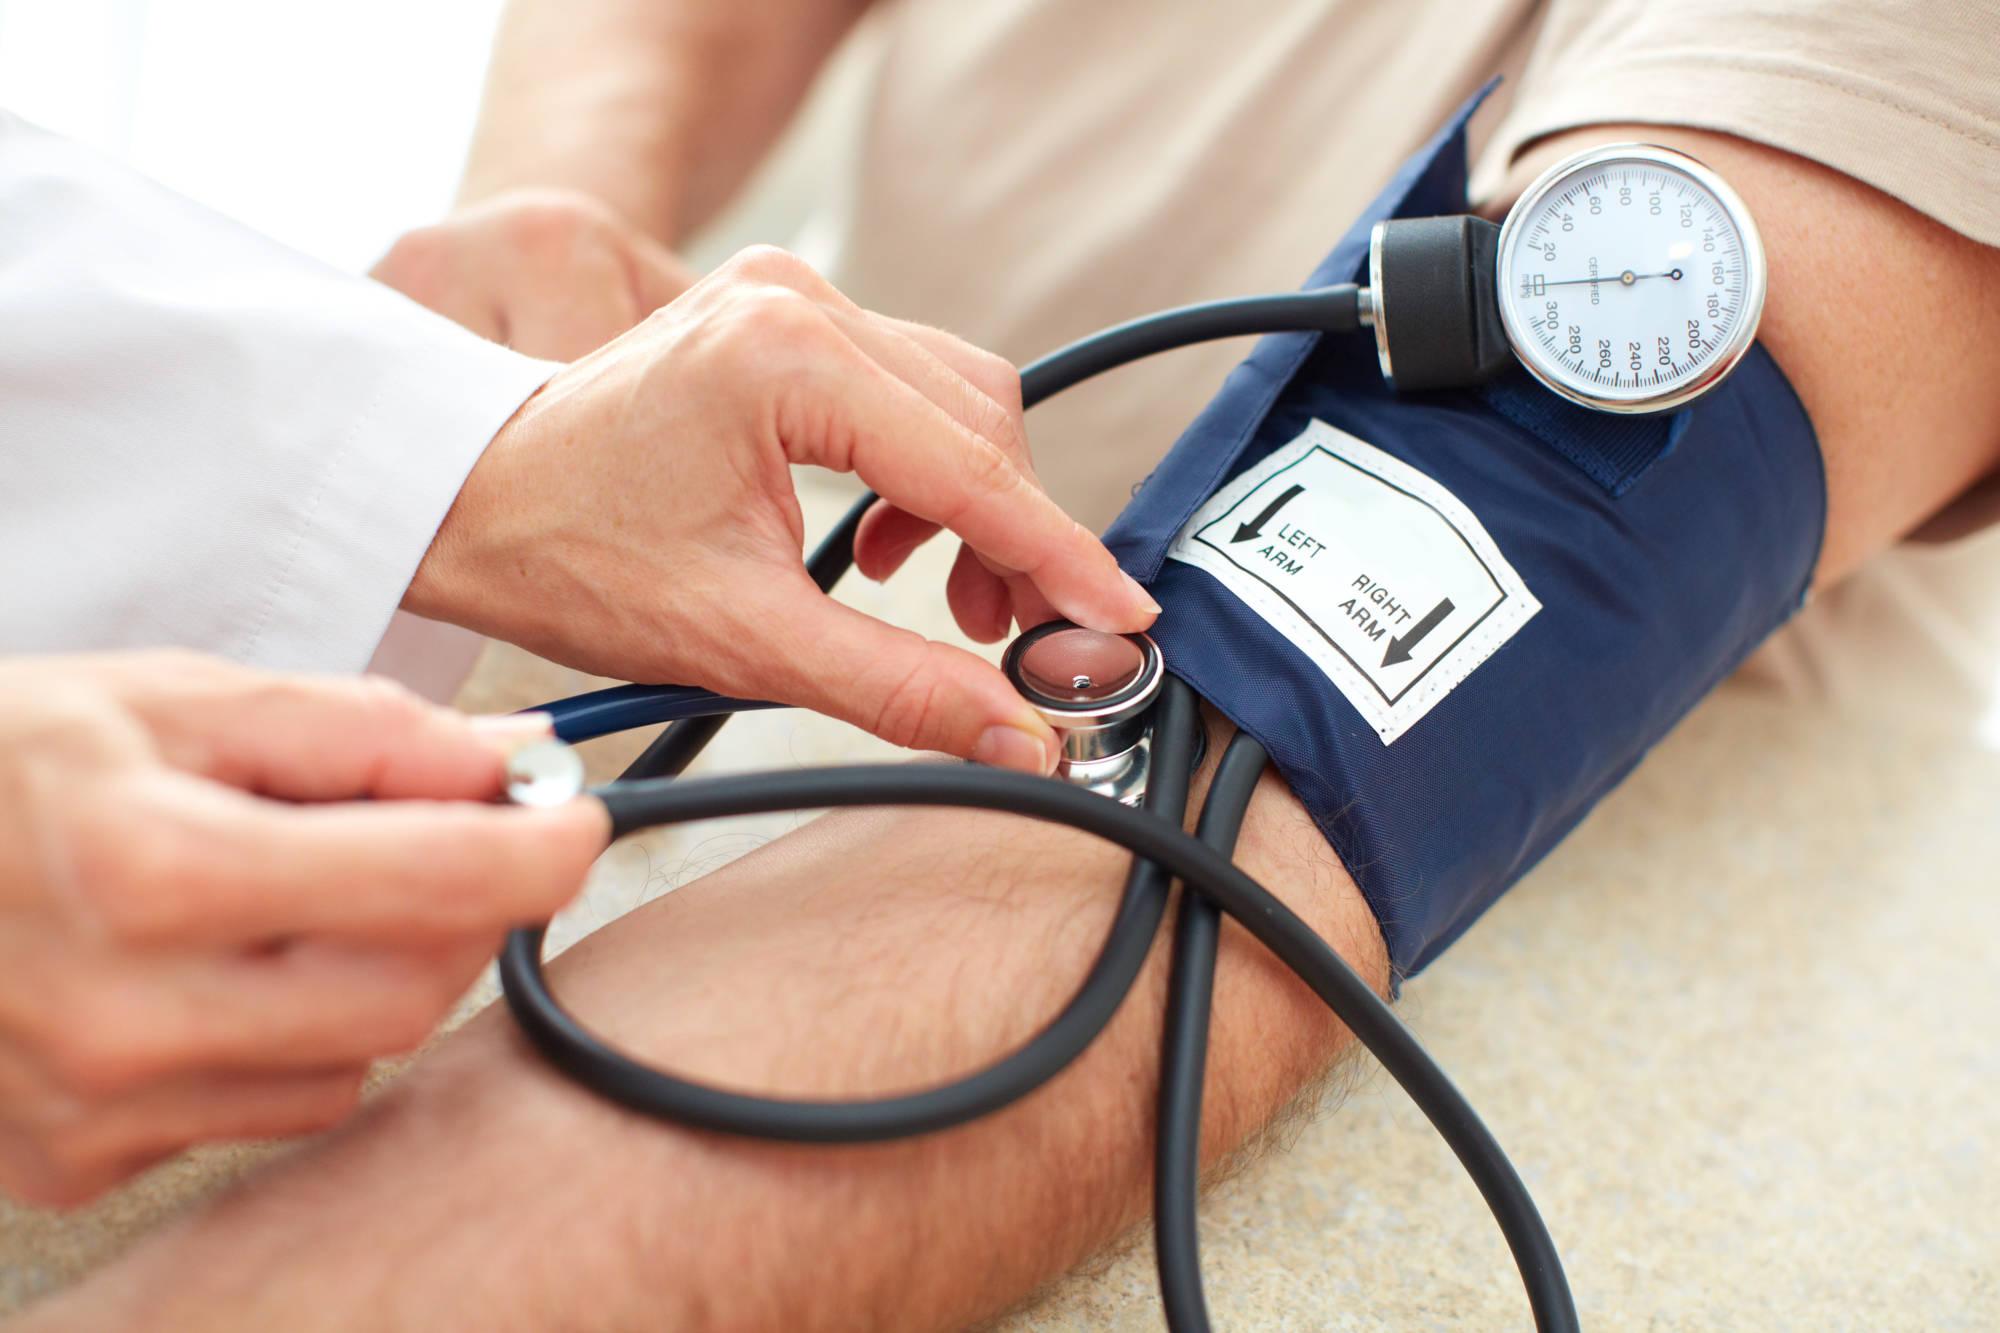 снижение артериального давления картинки замок зажигания